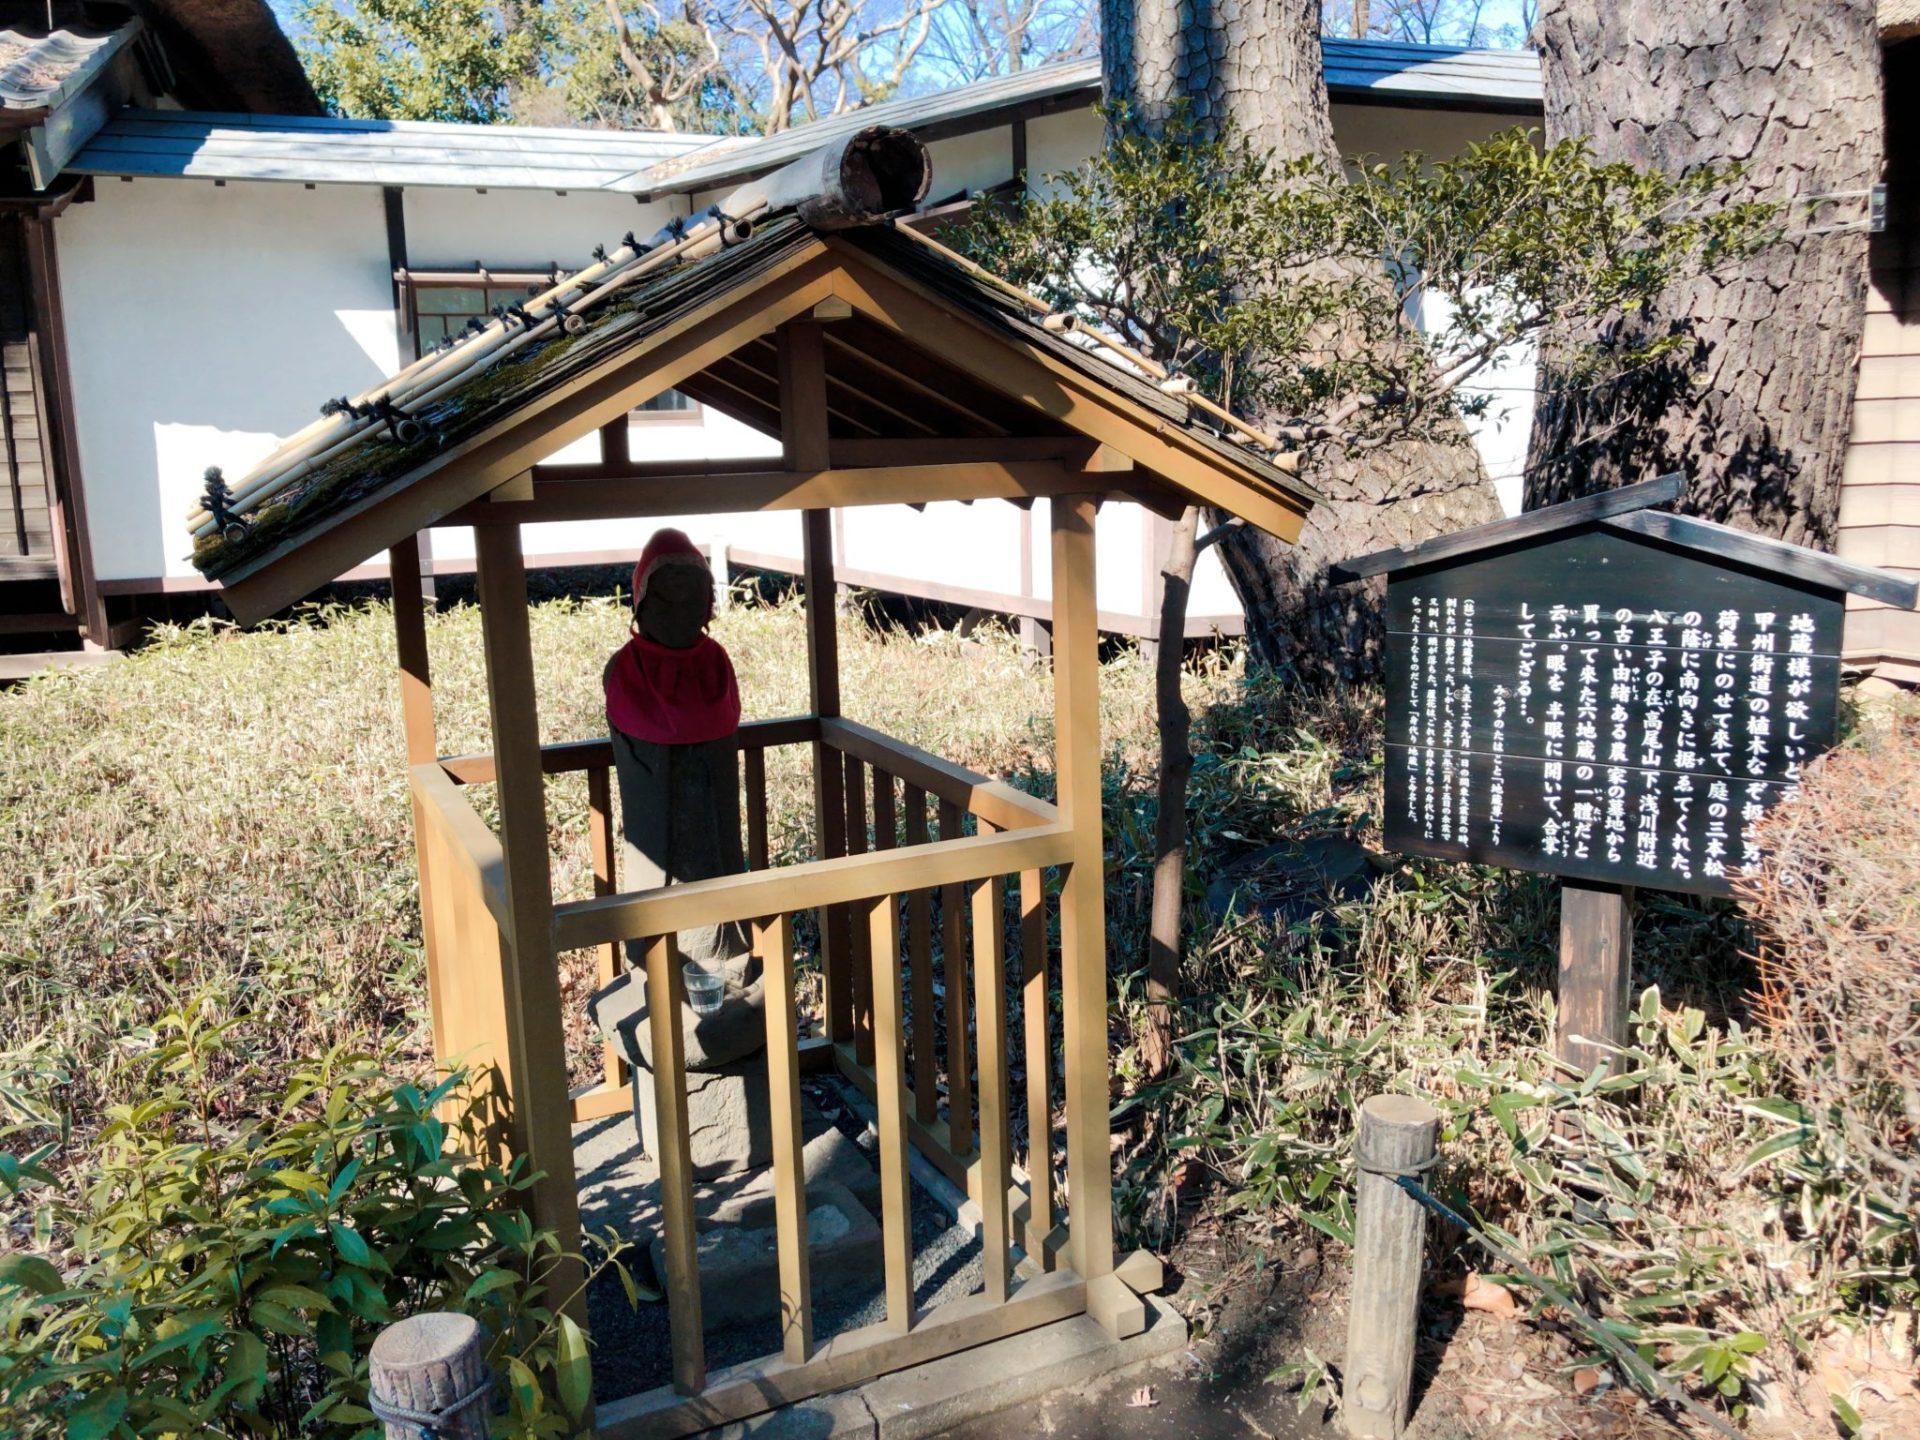 徳冨蘆花記念館の徳冨蘆花の家前にあるお地蔵様